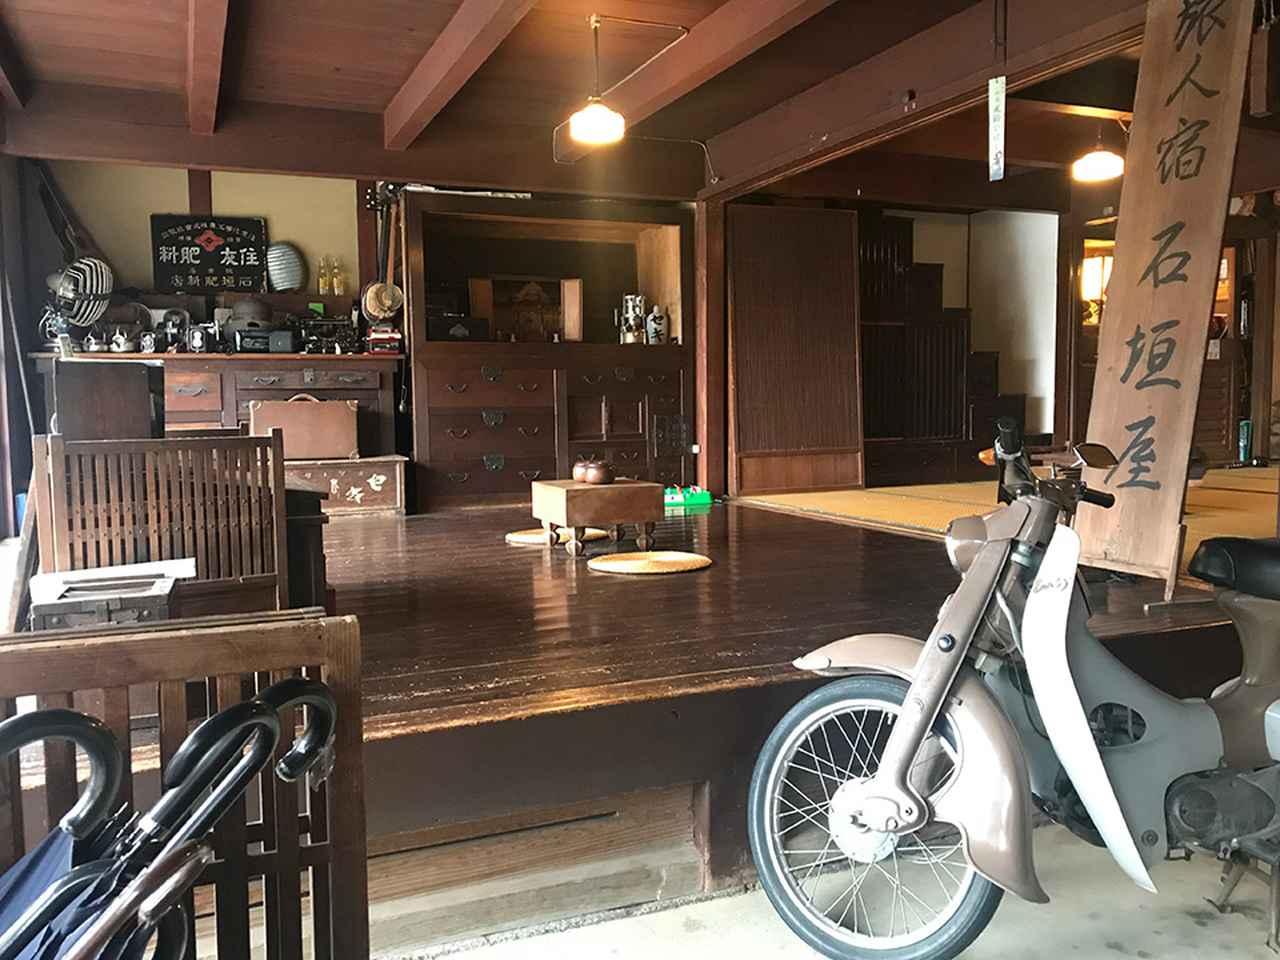 画像: 三重の古民家ゲストハウス 旅人宿 石垣屋 ishigakiya.tyonmage.com